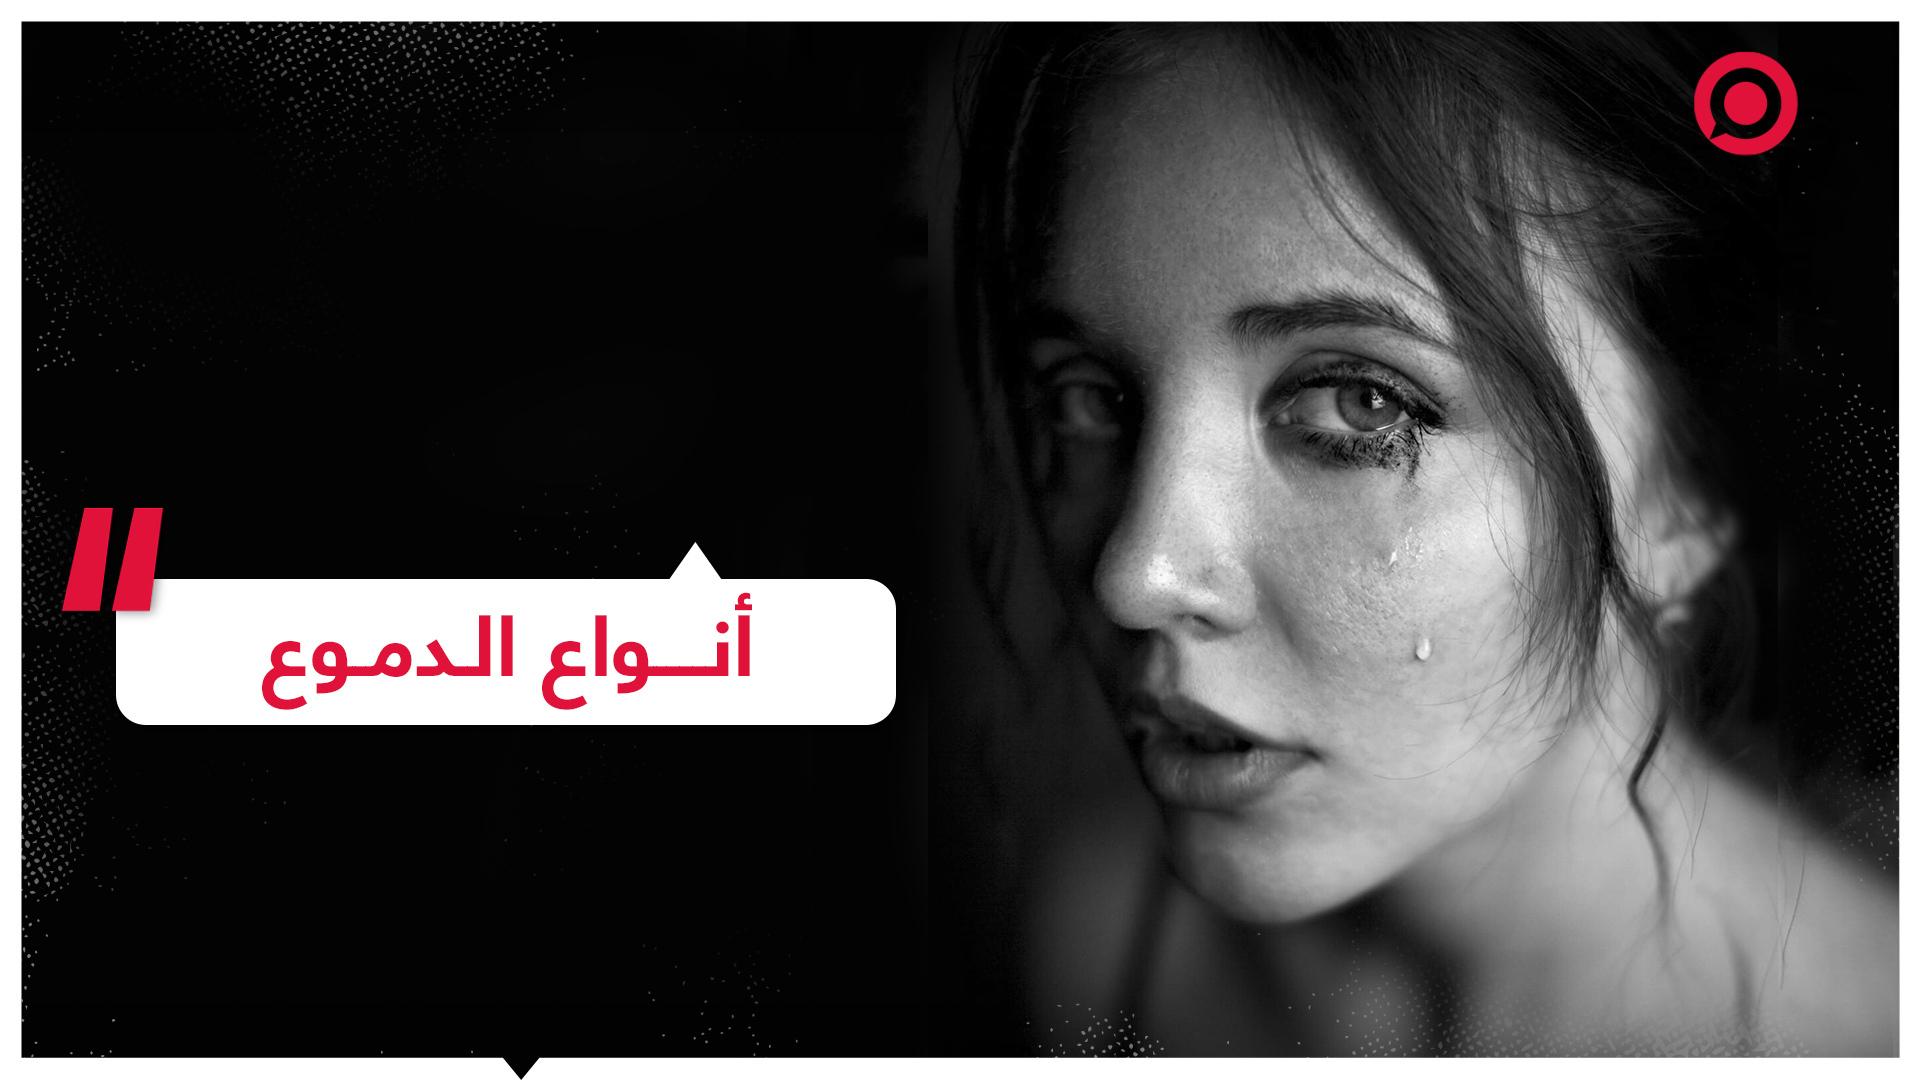 #دموع #بكاء #ضحك